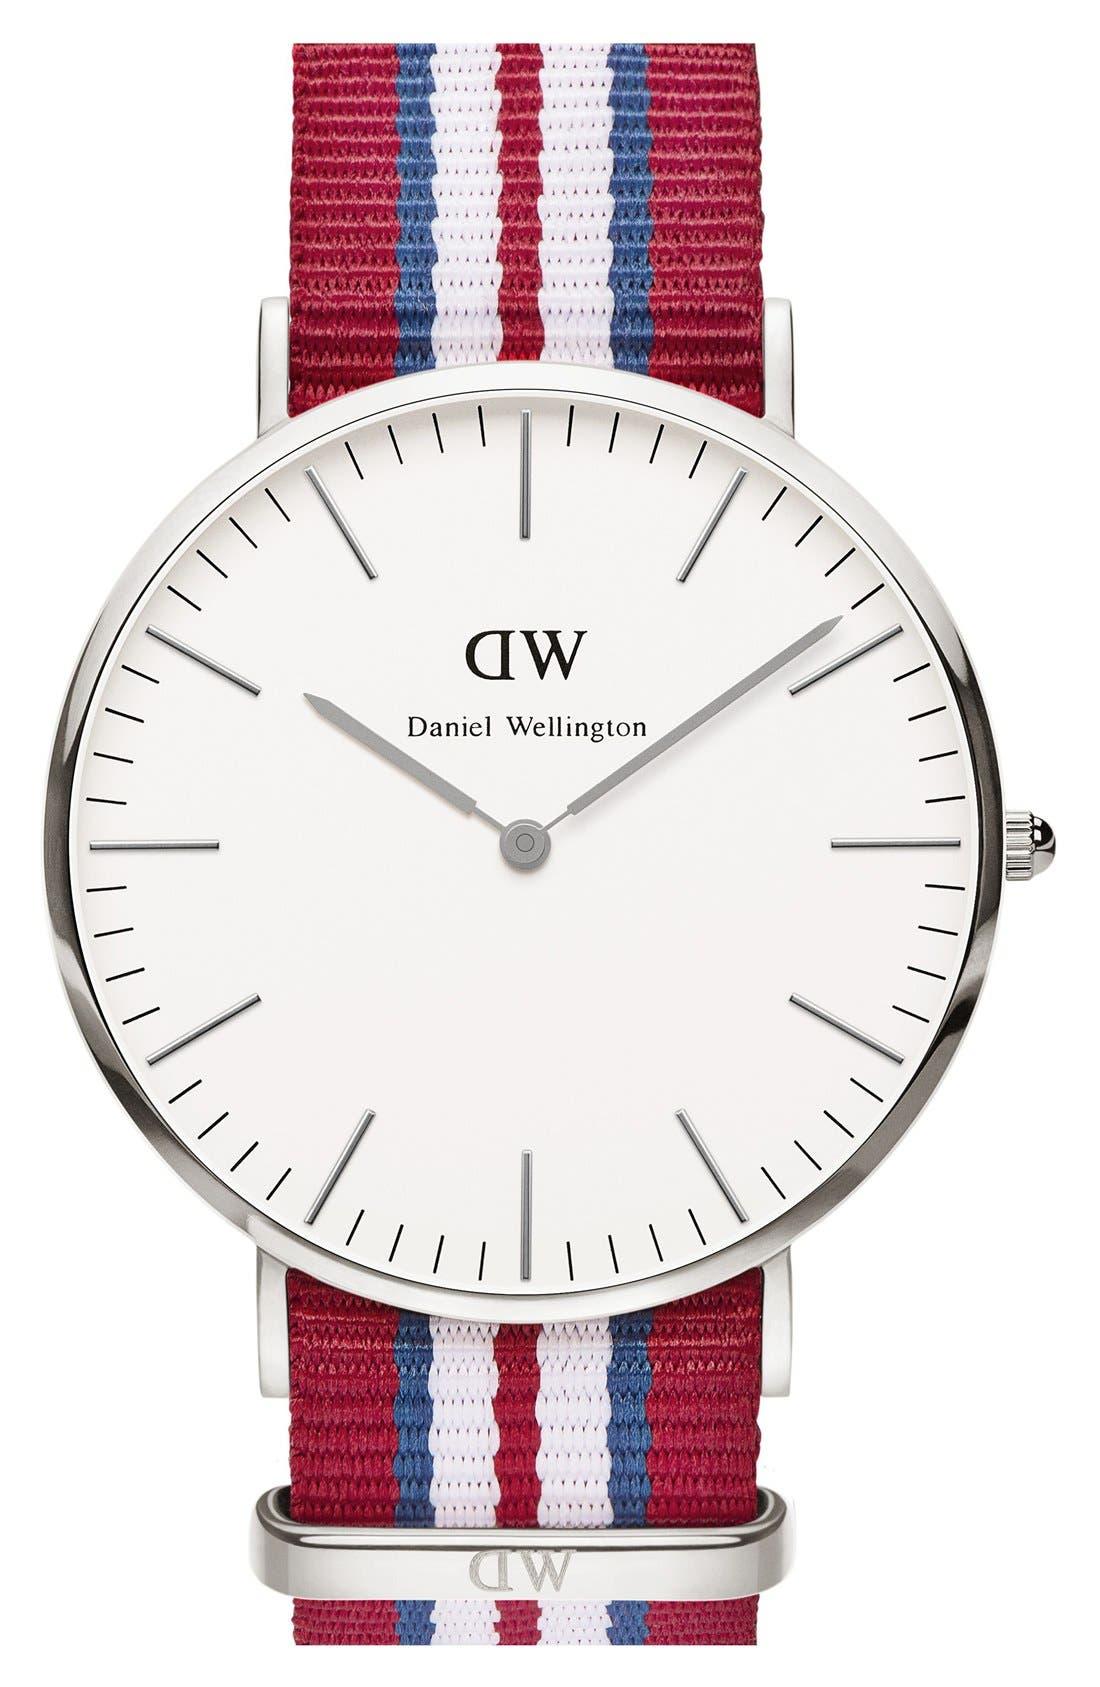 подобрать dw часы daniel wellington выбрать свой